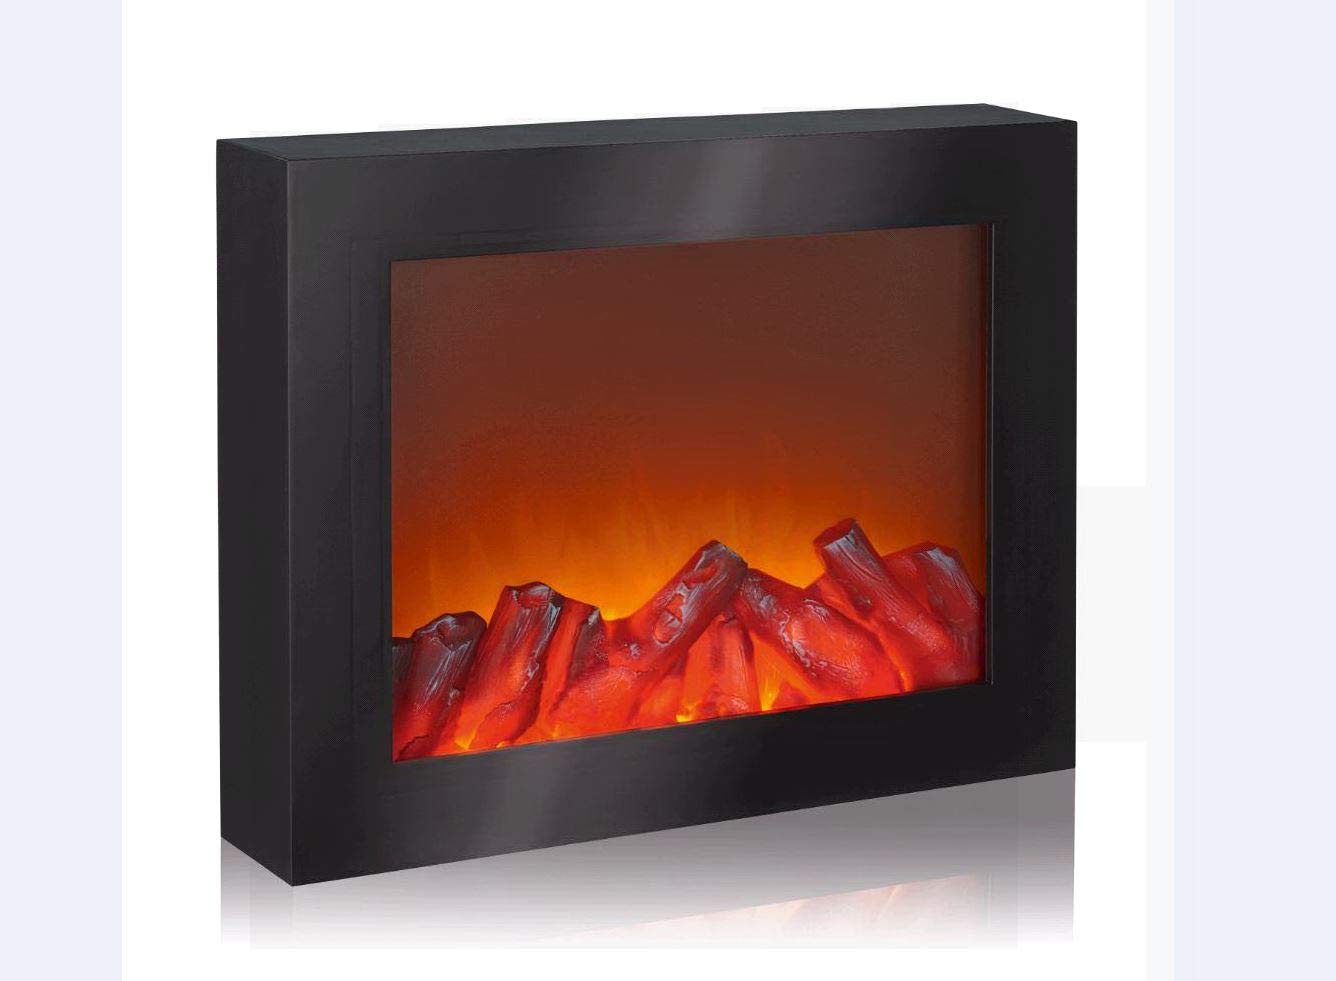 EASYmaxx 03422 LED-Kamin | Wandkamin | Deko-Kamin (Nur Kamin Optik) | Lodernde Flammen | Elektrischer Kamin | OHNE Heizfunktion | Timerfunktion | Kabellos | Schwarz DS-Produkte